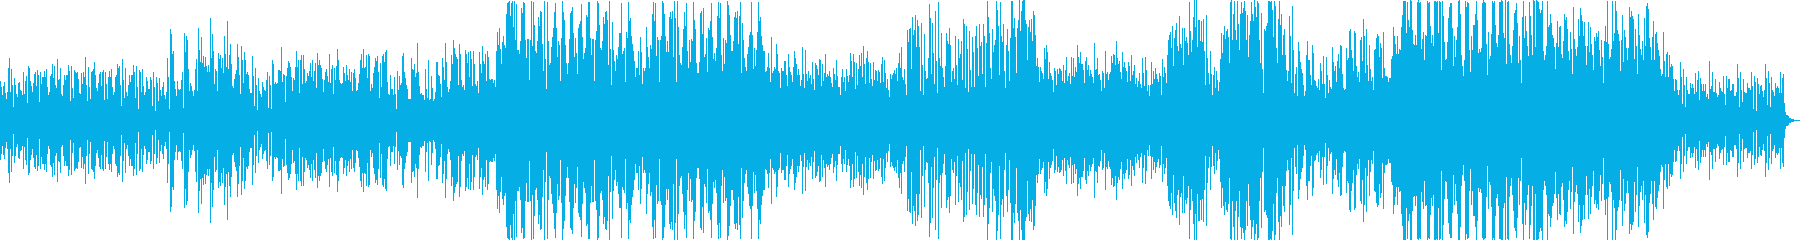 とある漫画の1シーンを想定して作った曲…の再生済みの波形